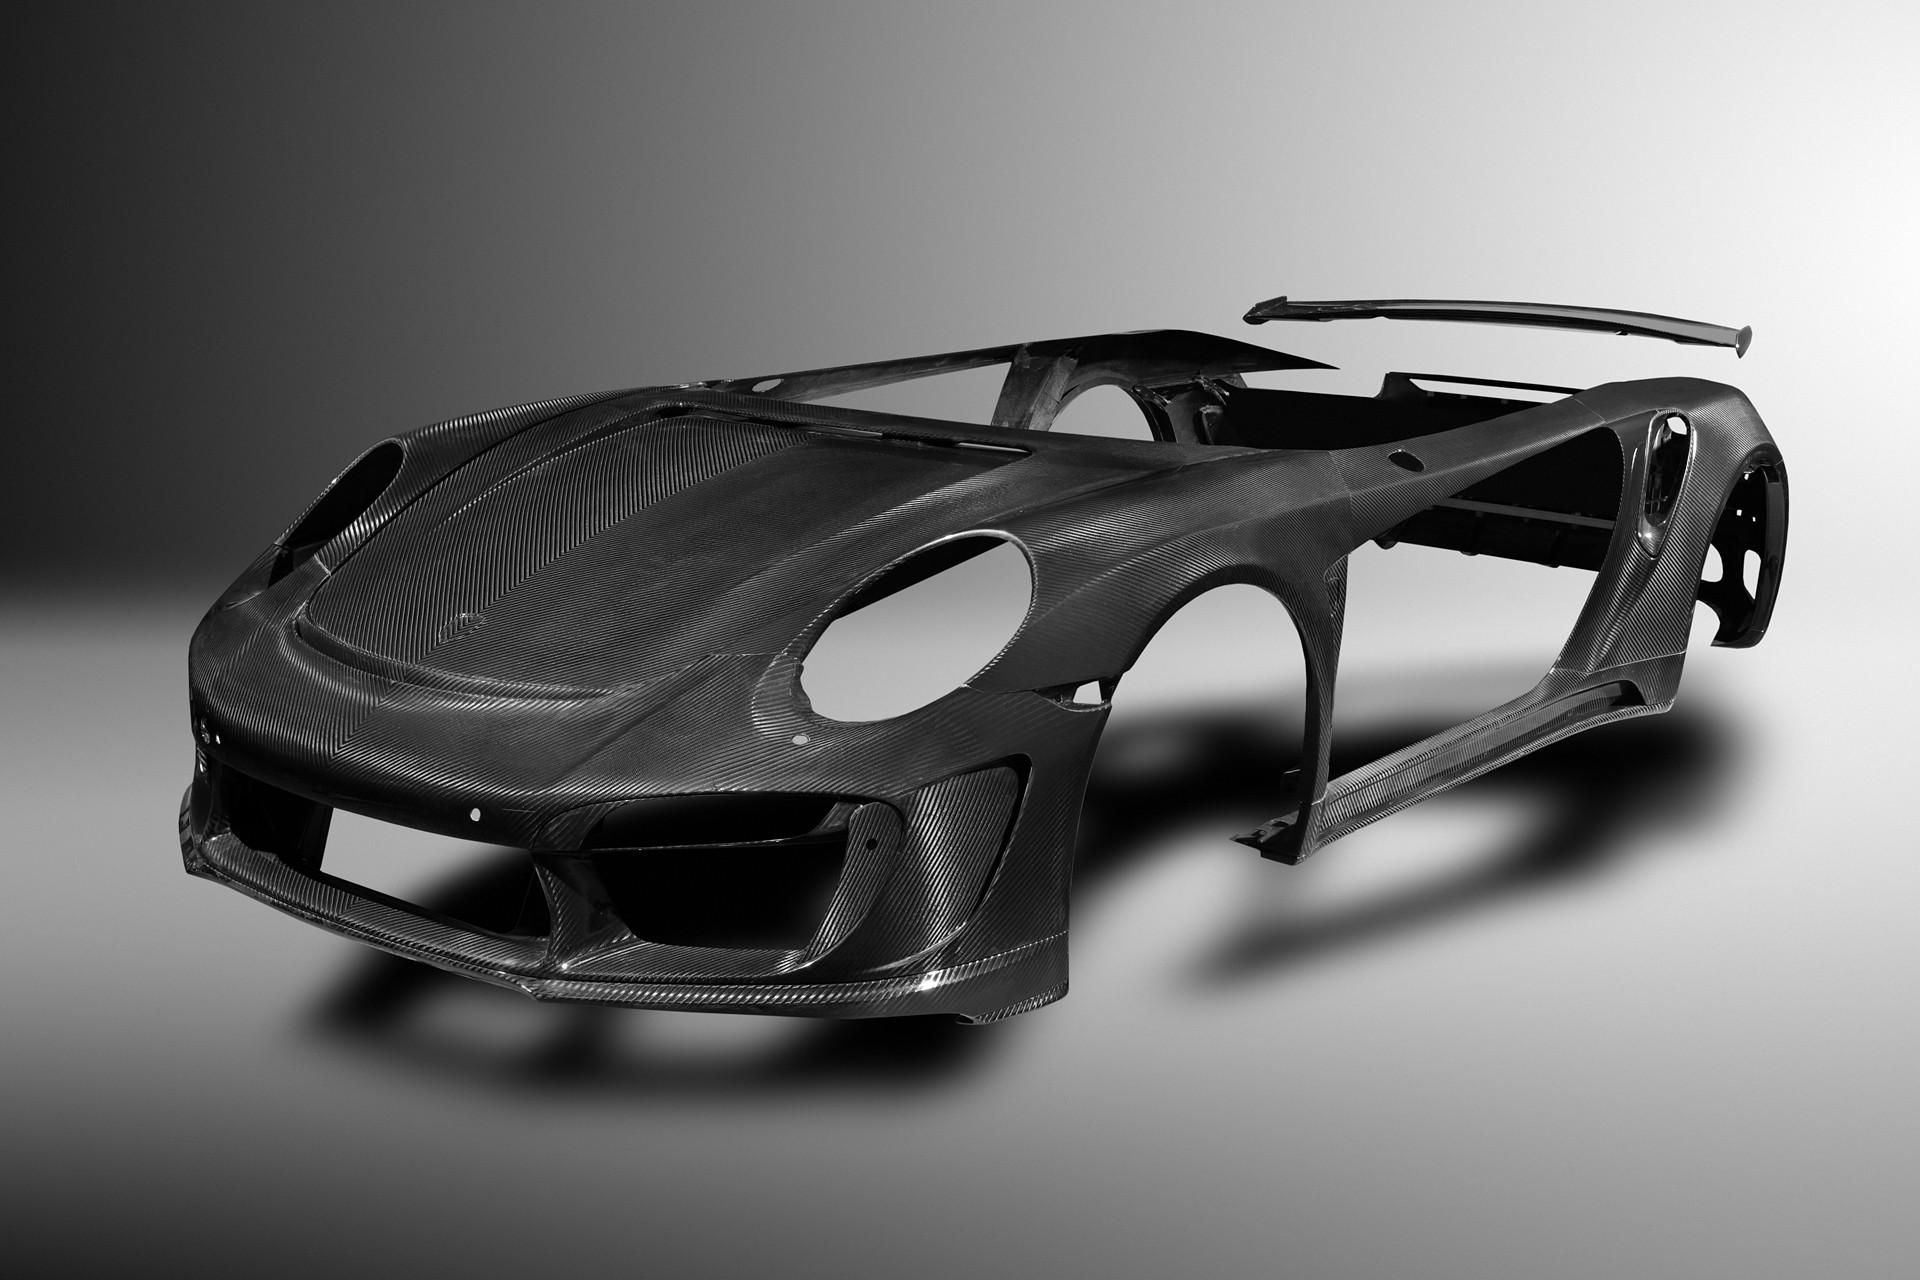 Для Porsche 911 сделали кузовной обвес за 40 тысяч евро